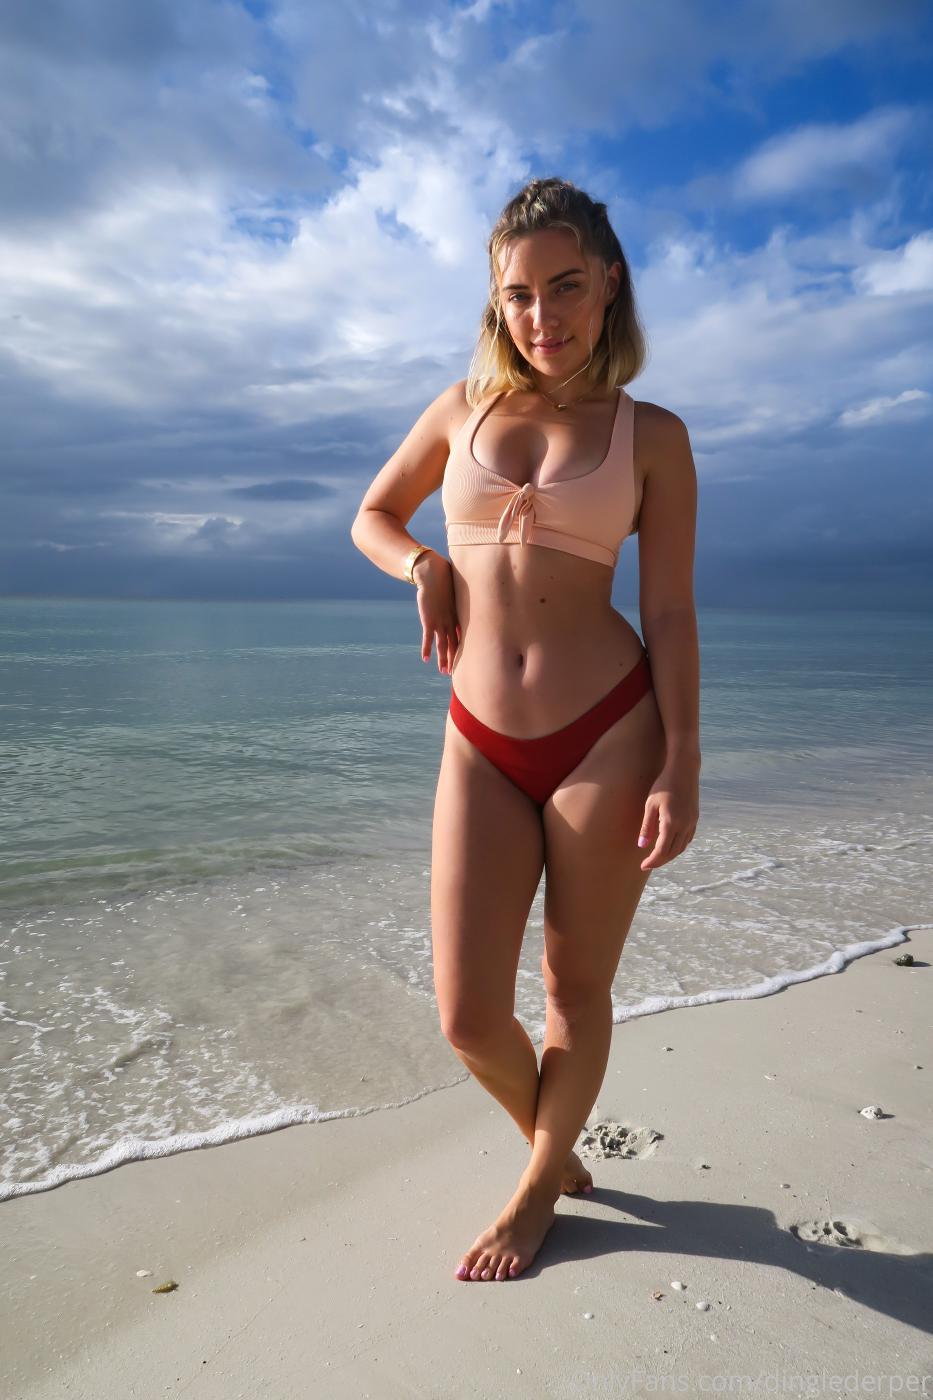 Dinglederper Beach Onlyfans Set Leaked 0020